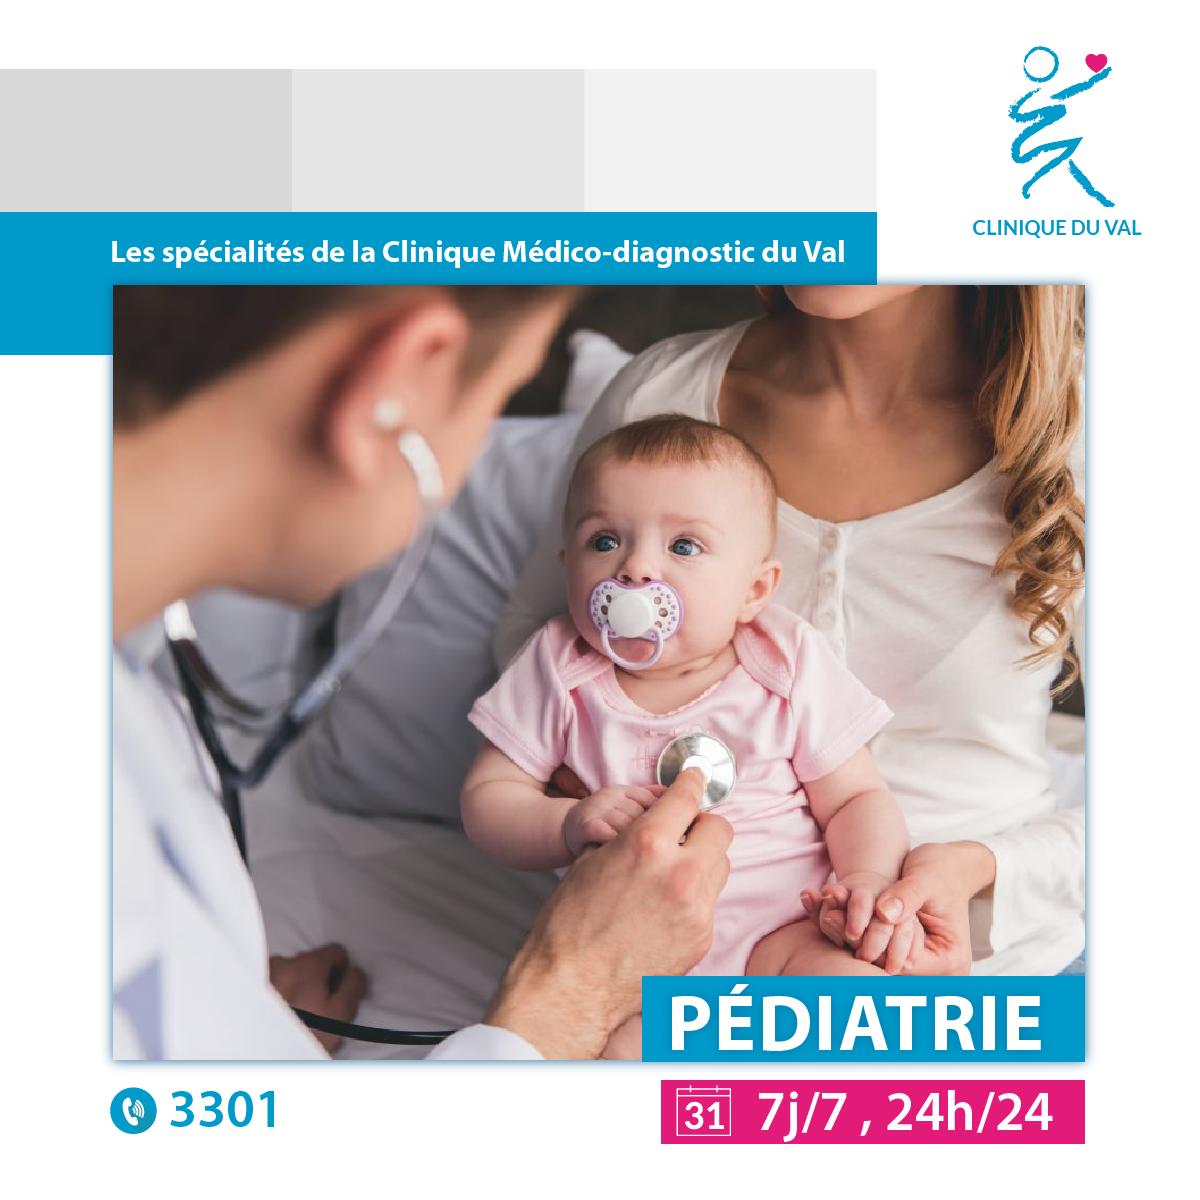 Consultation pédiatrique clinique du val